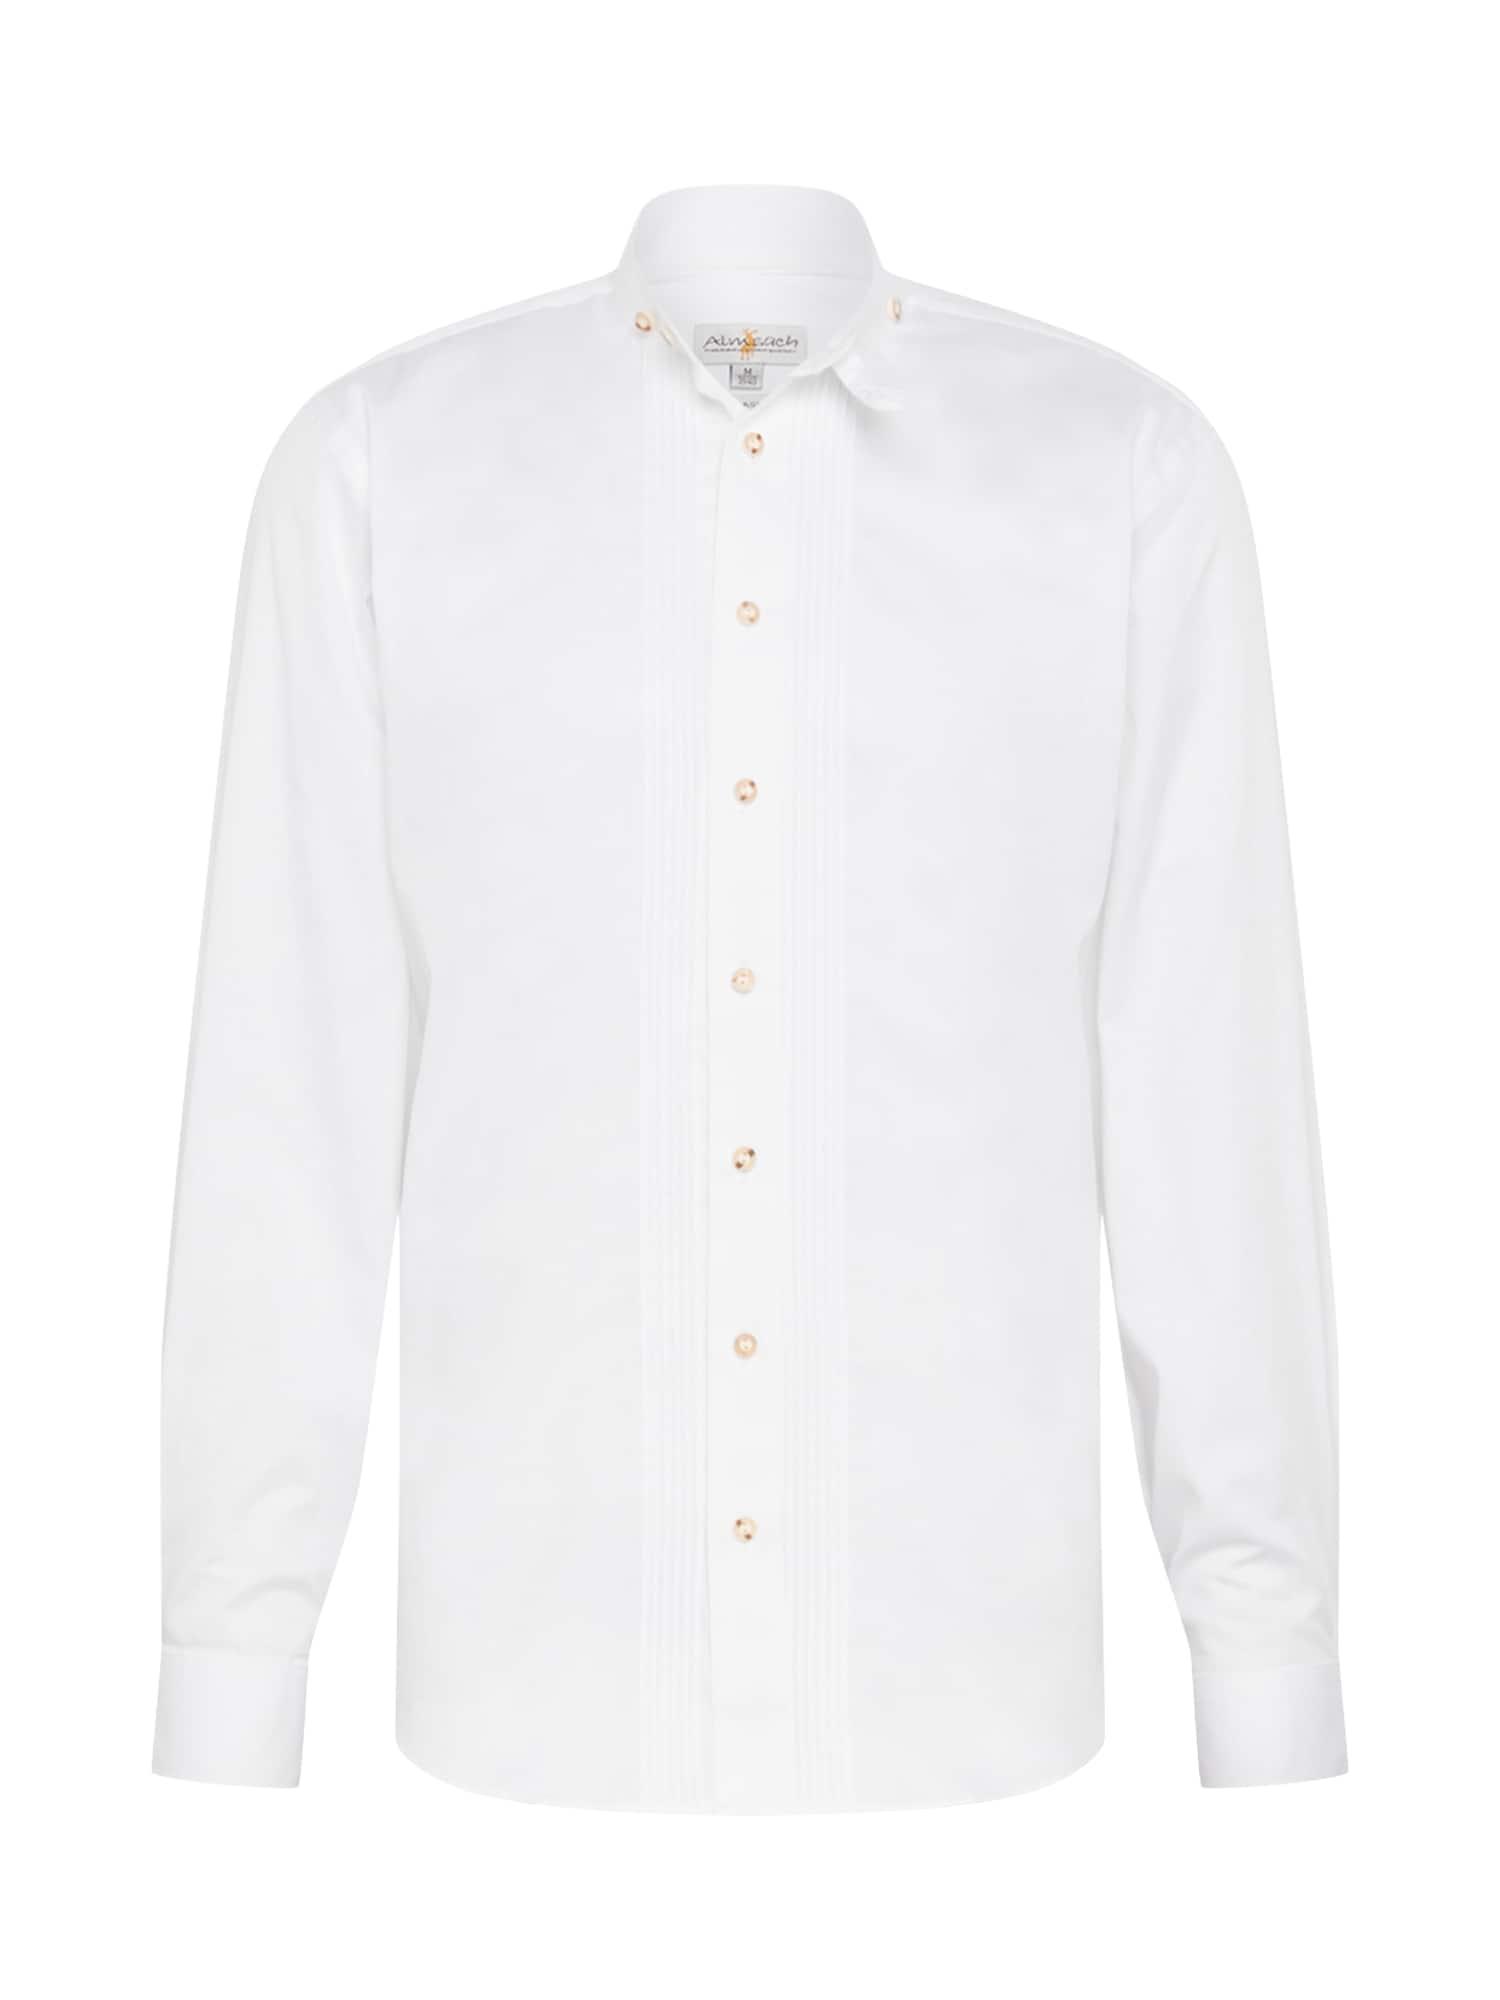 ALMSACH Tradiciniai marškiniai balta